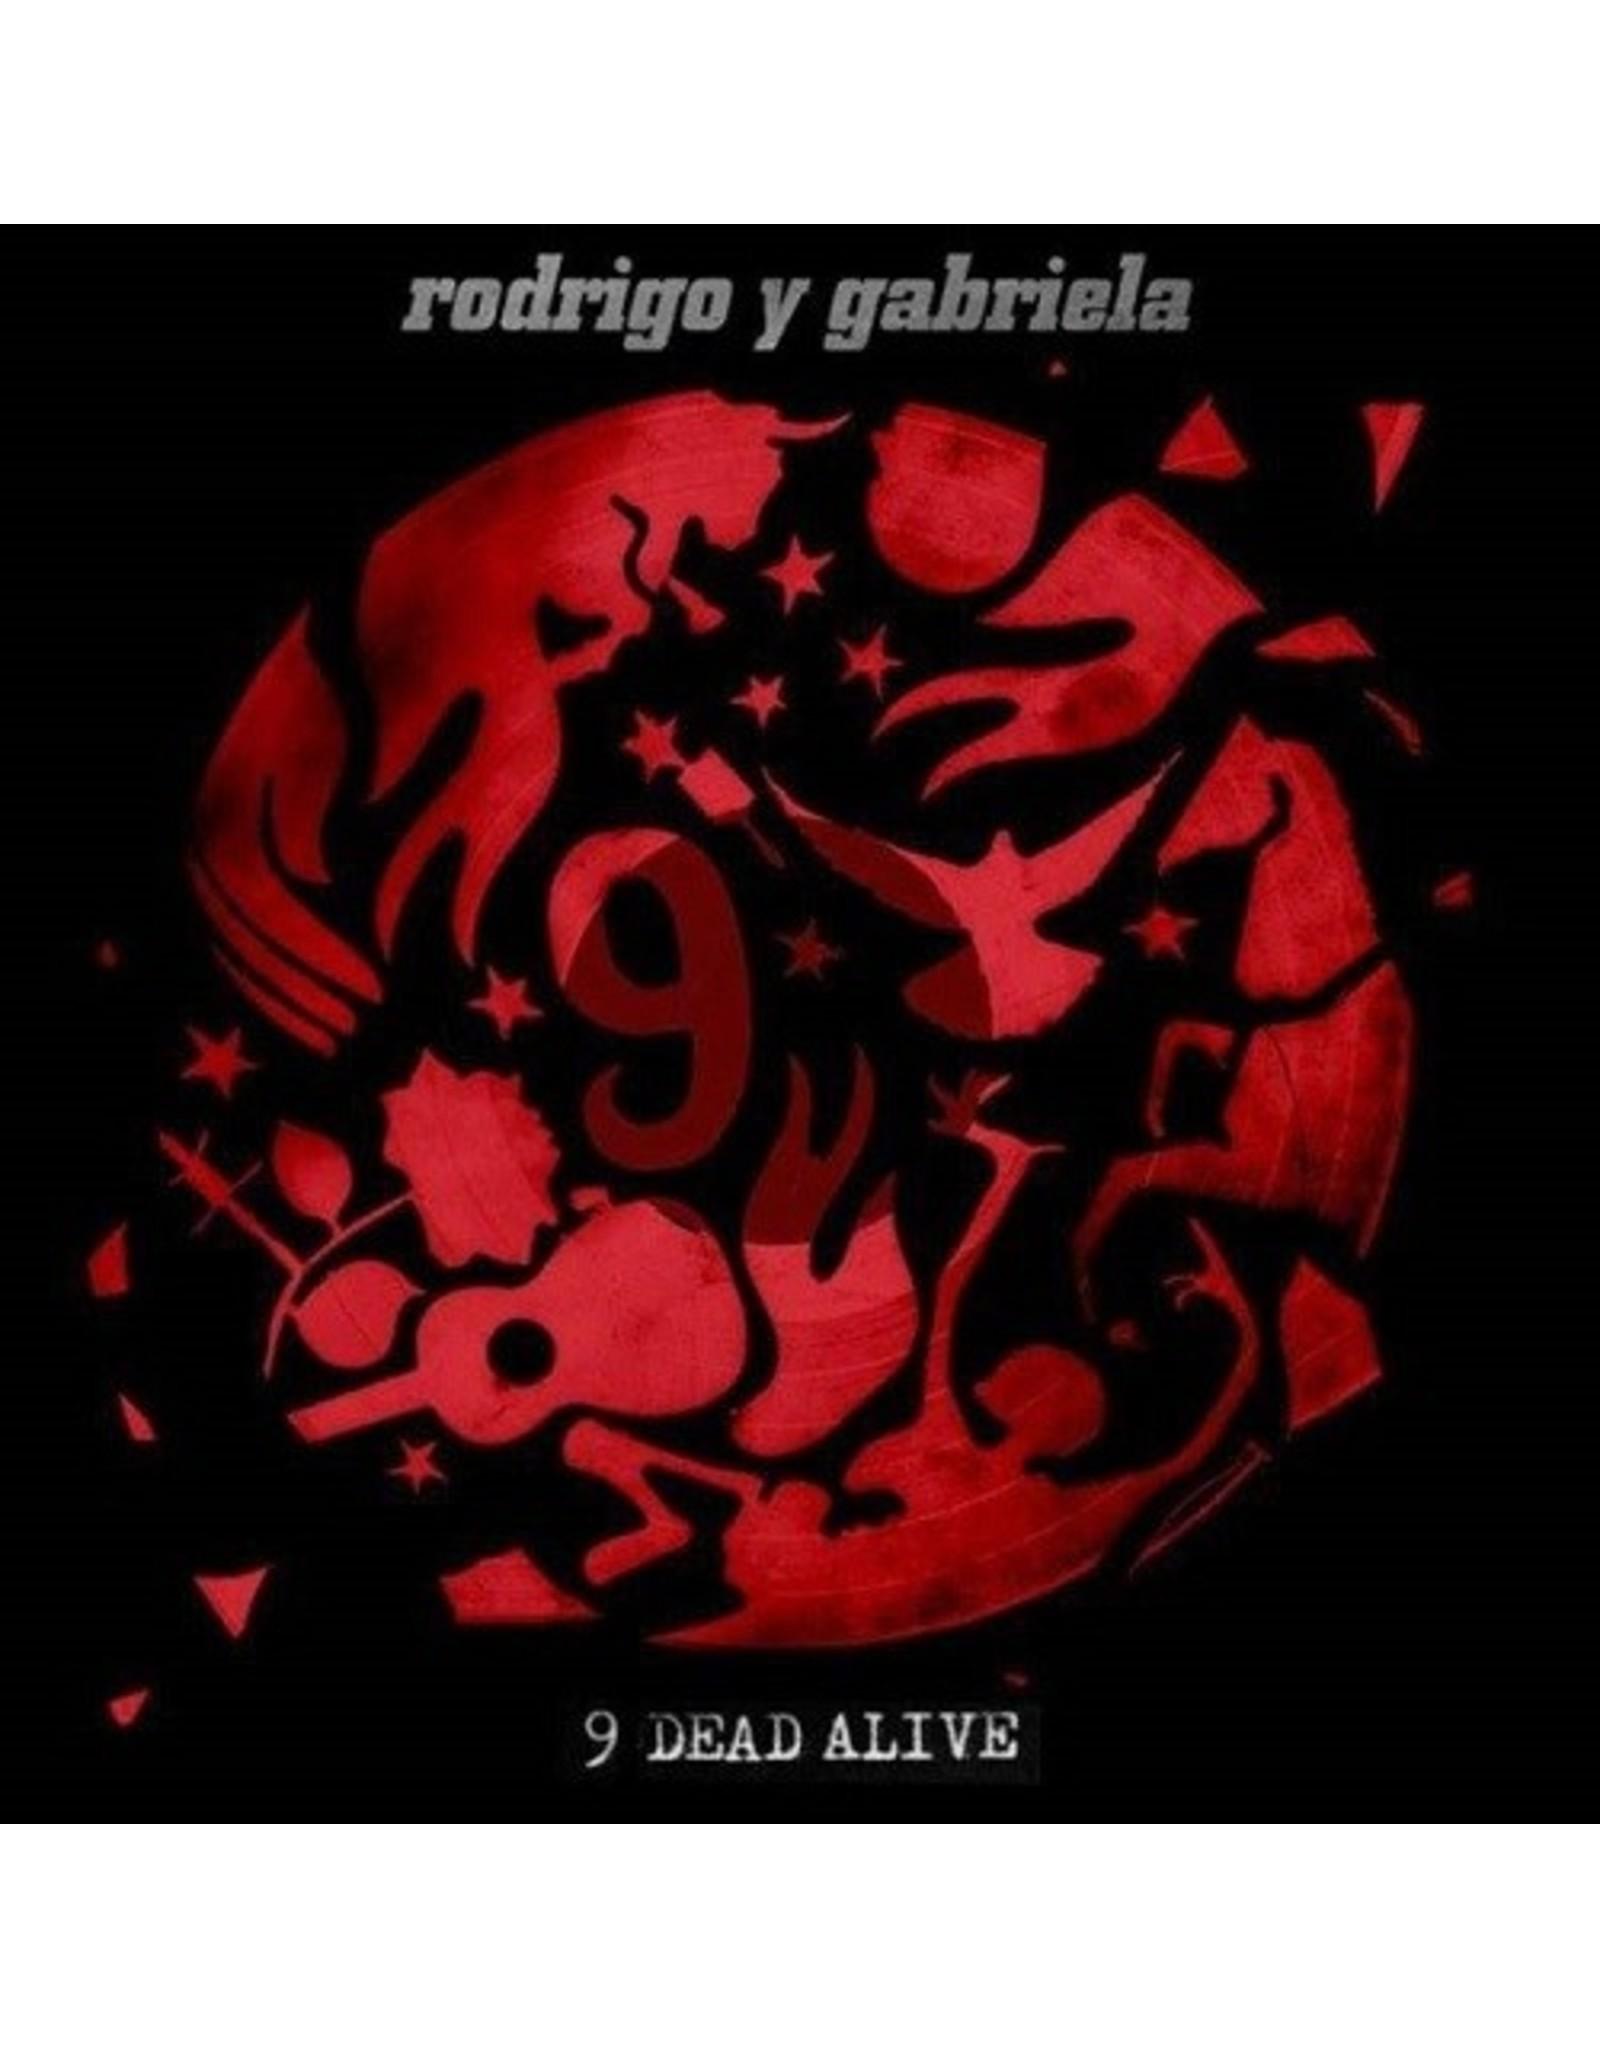 New Vinyl Rodrigo Y Gabriela - 9 Dead Alive LP